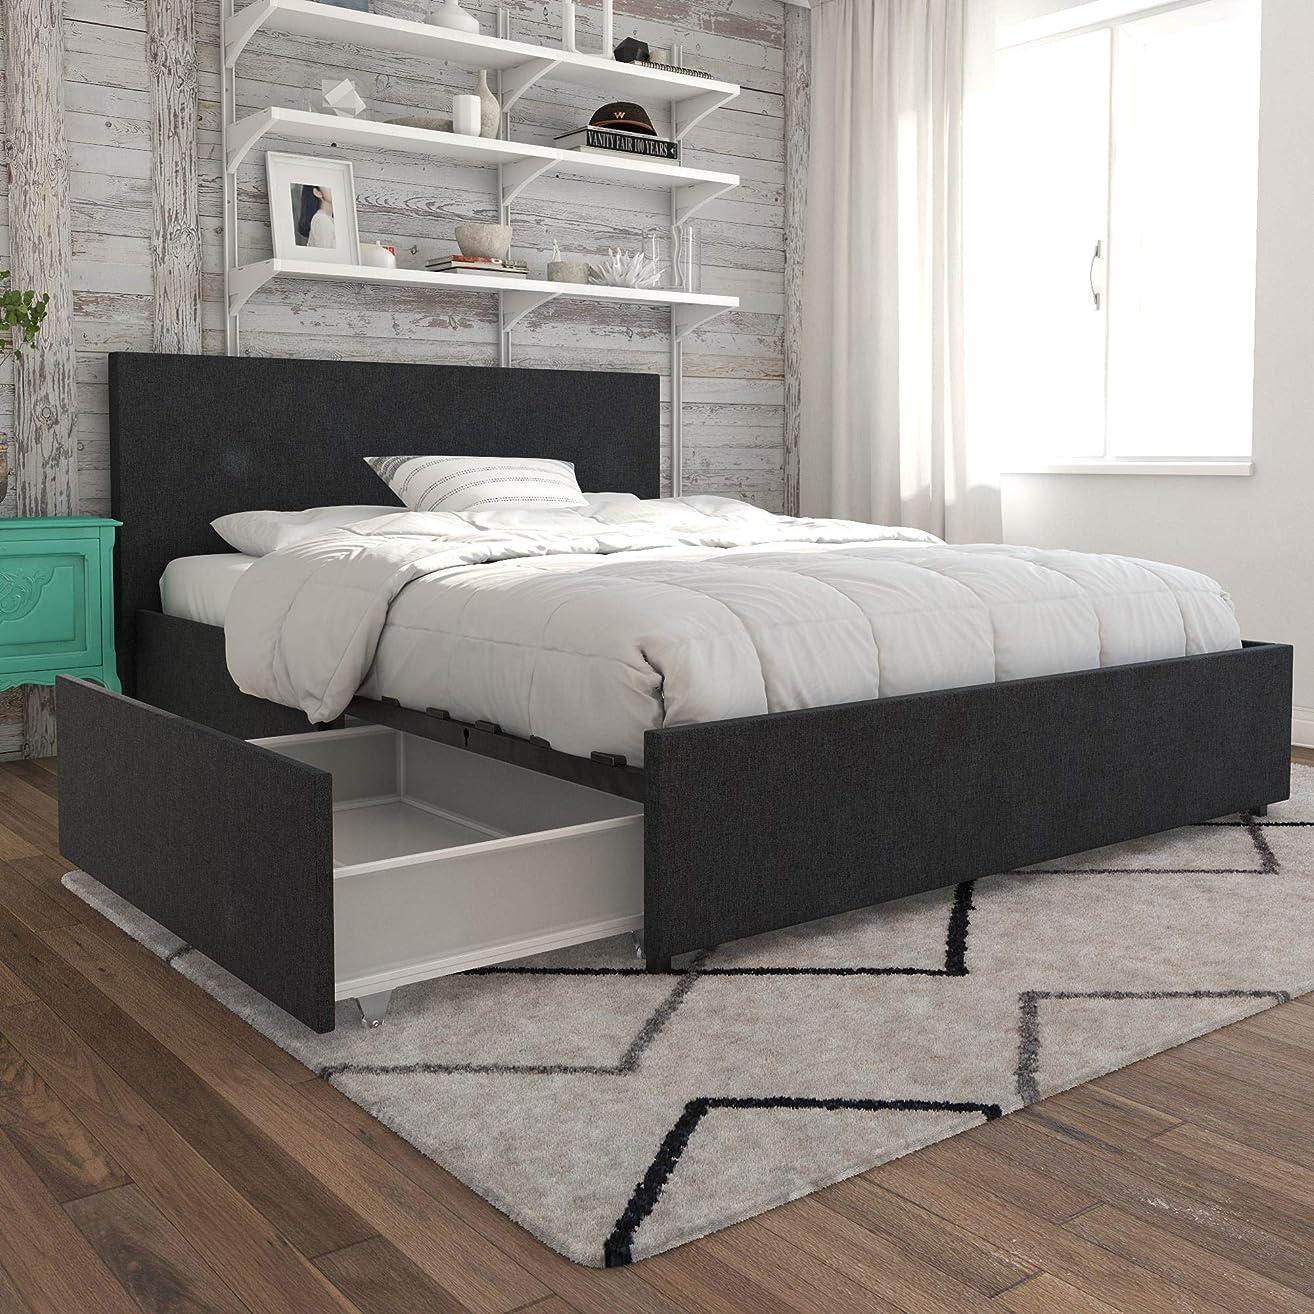 Novogratz Kelly Bed with Storage, Queen, Dark Gray Linen